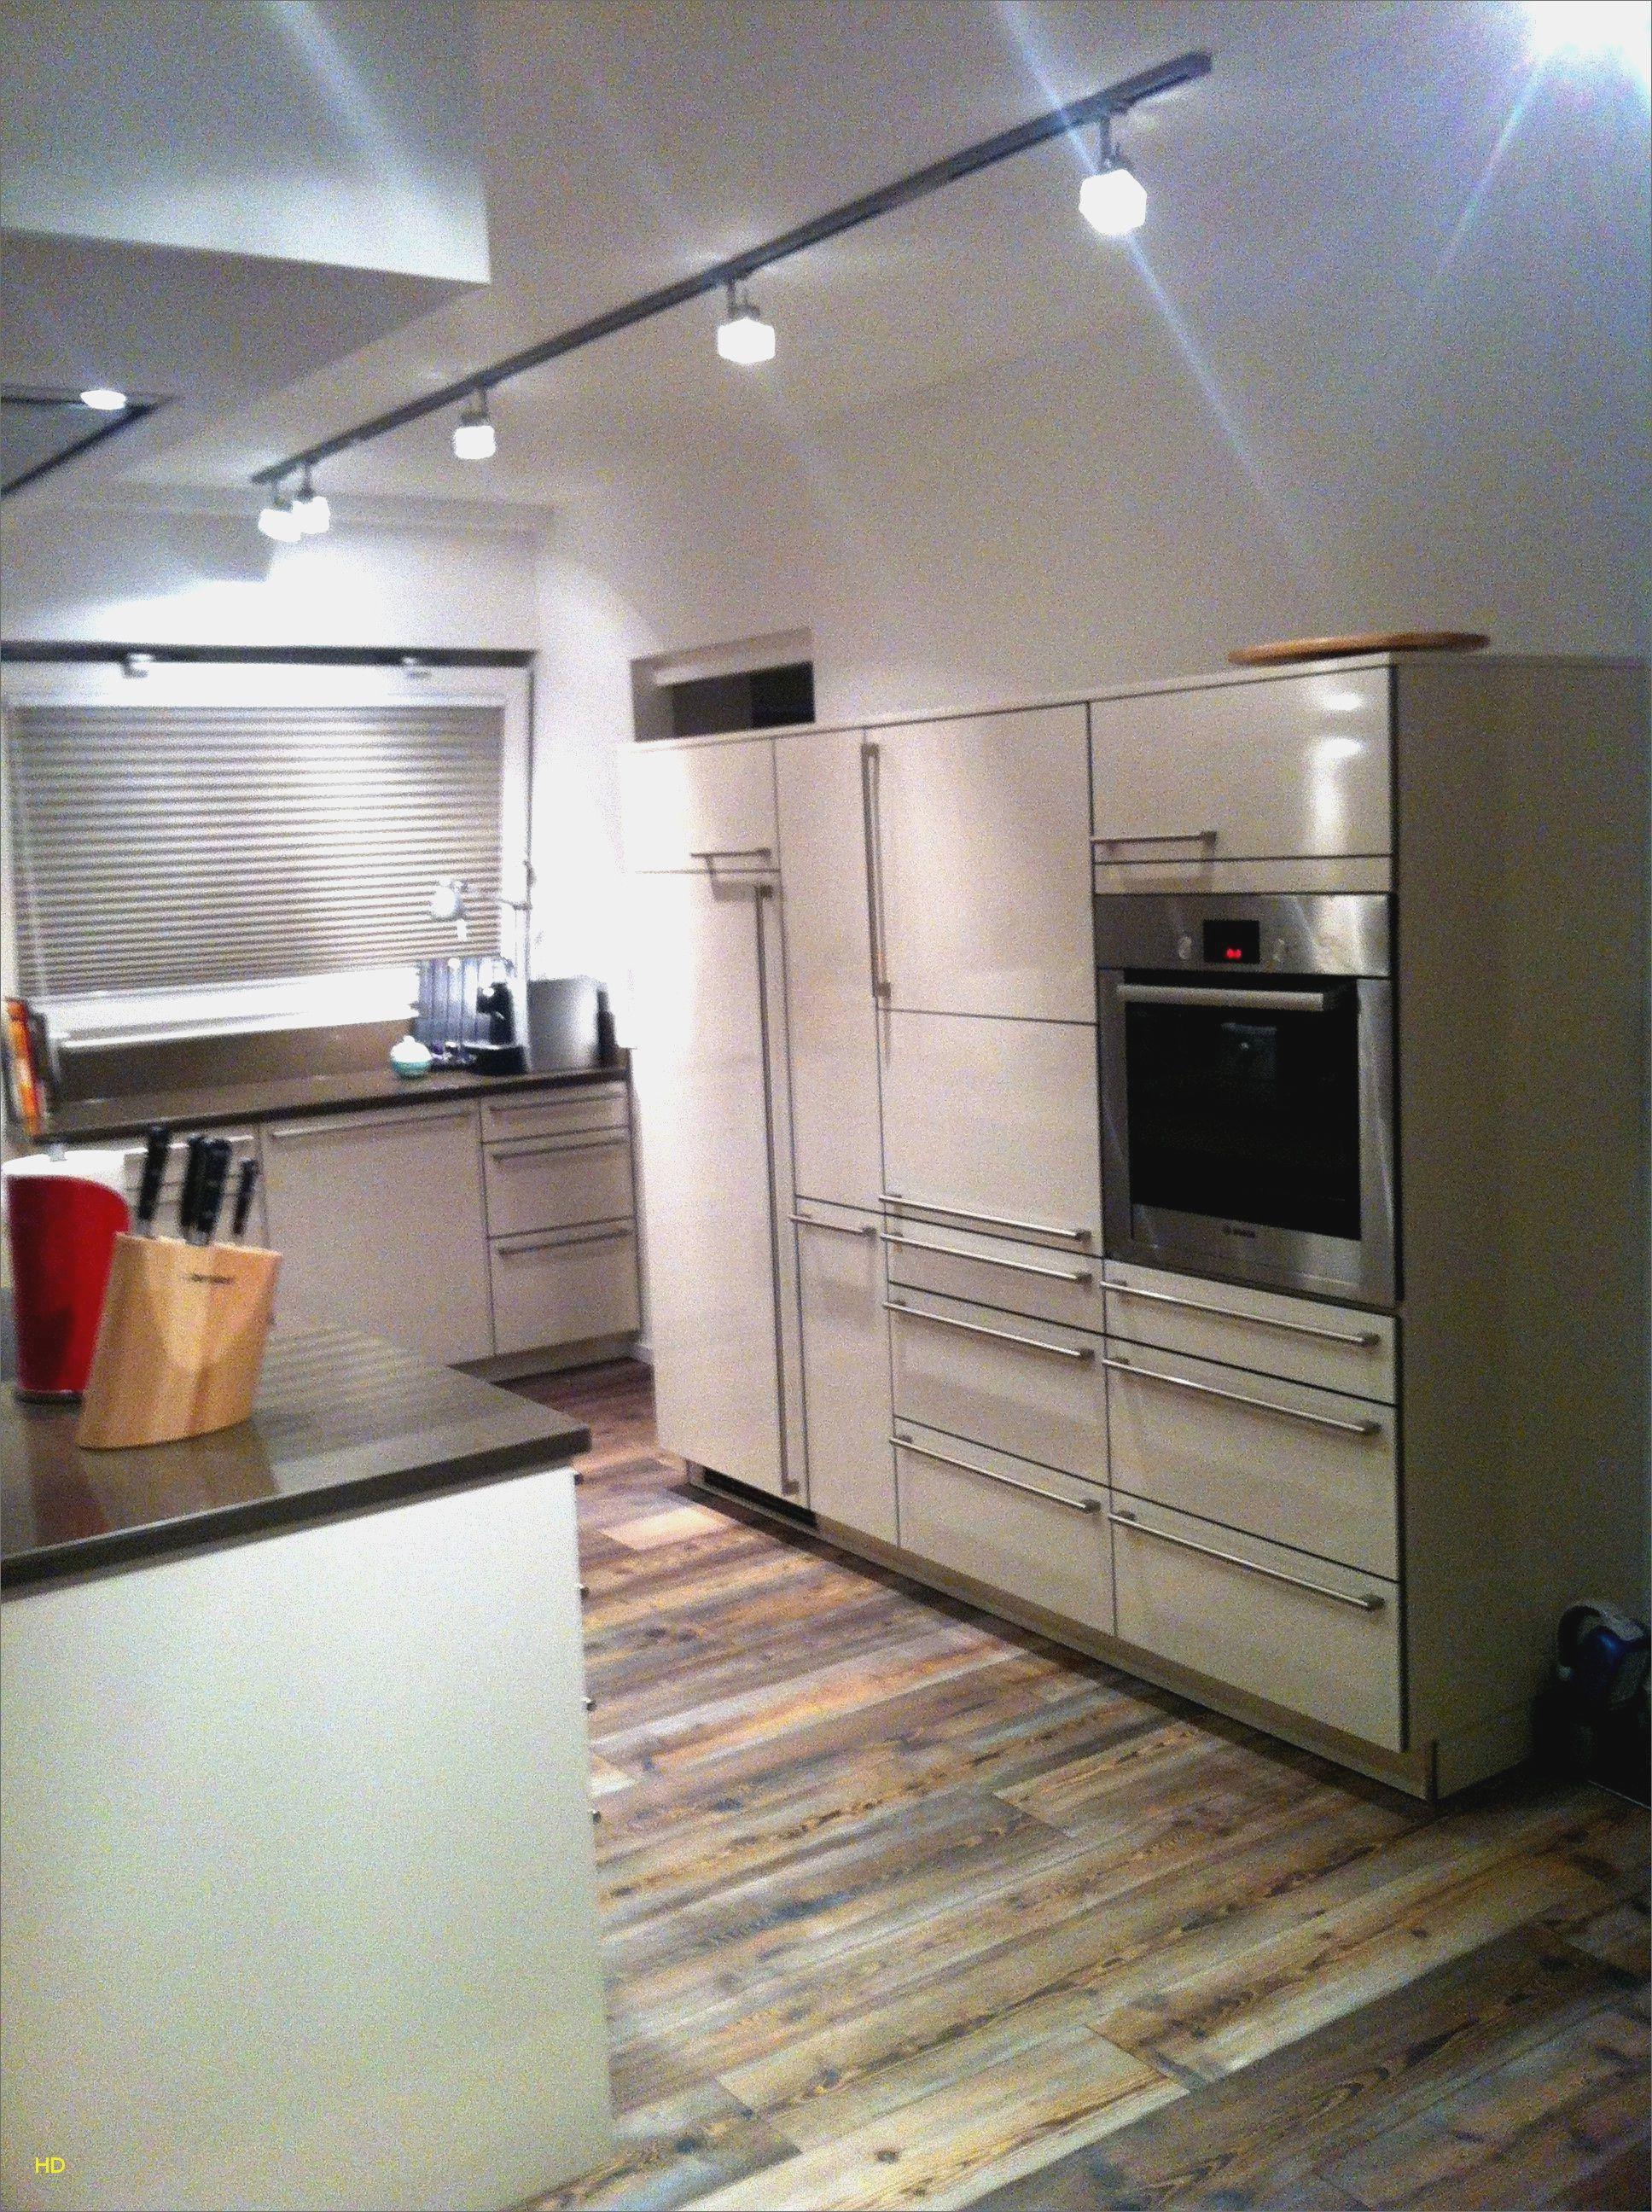 22 Einzigartig Arbeitsplatte Kuche Wandleiste Kitchen Cabinets Modern Refrigerators Kitchen Appliances